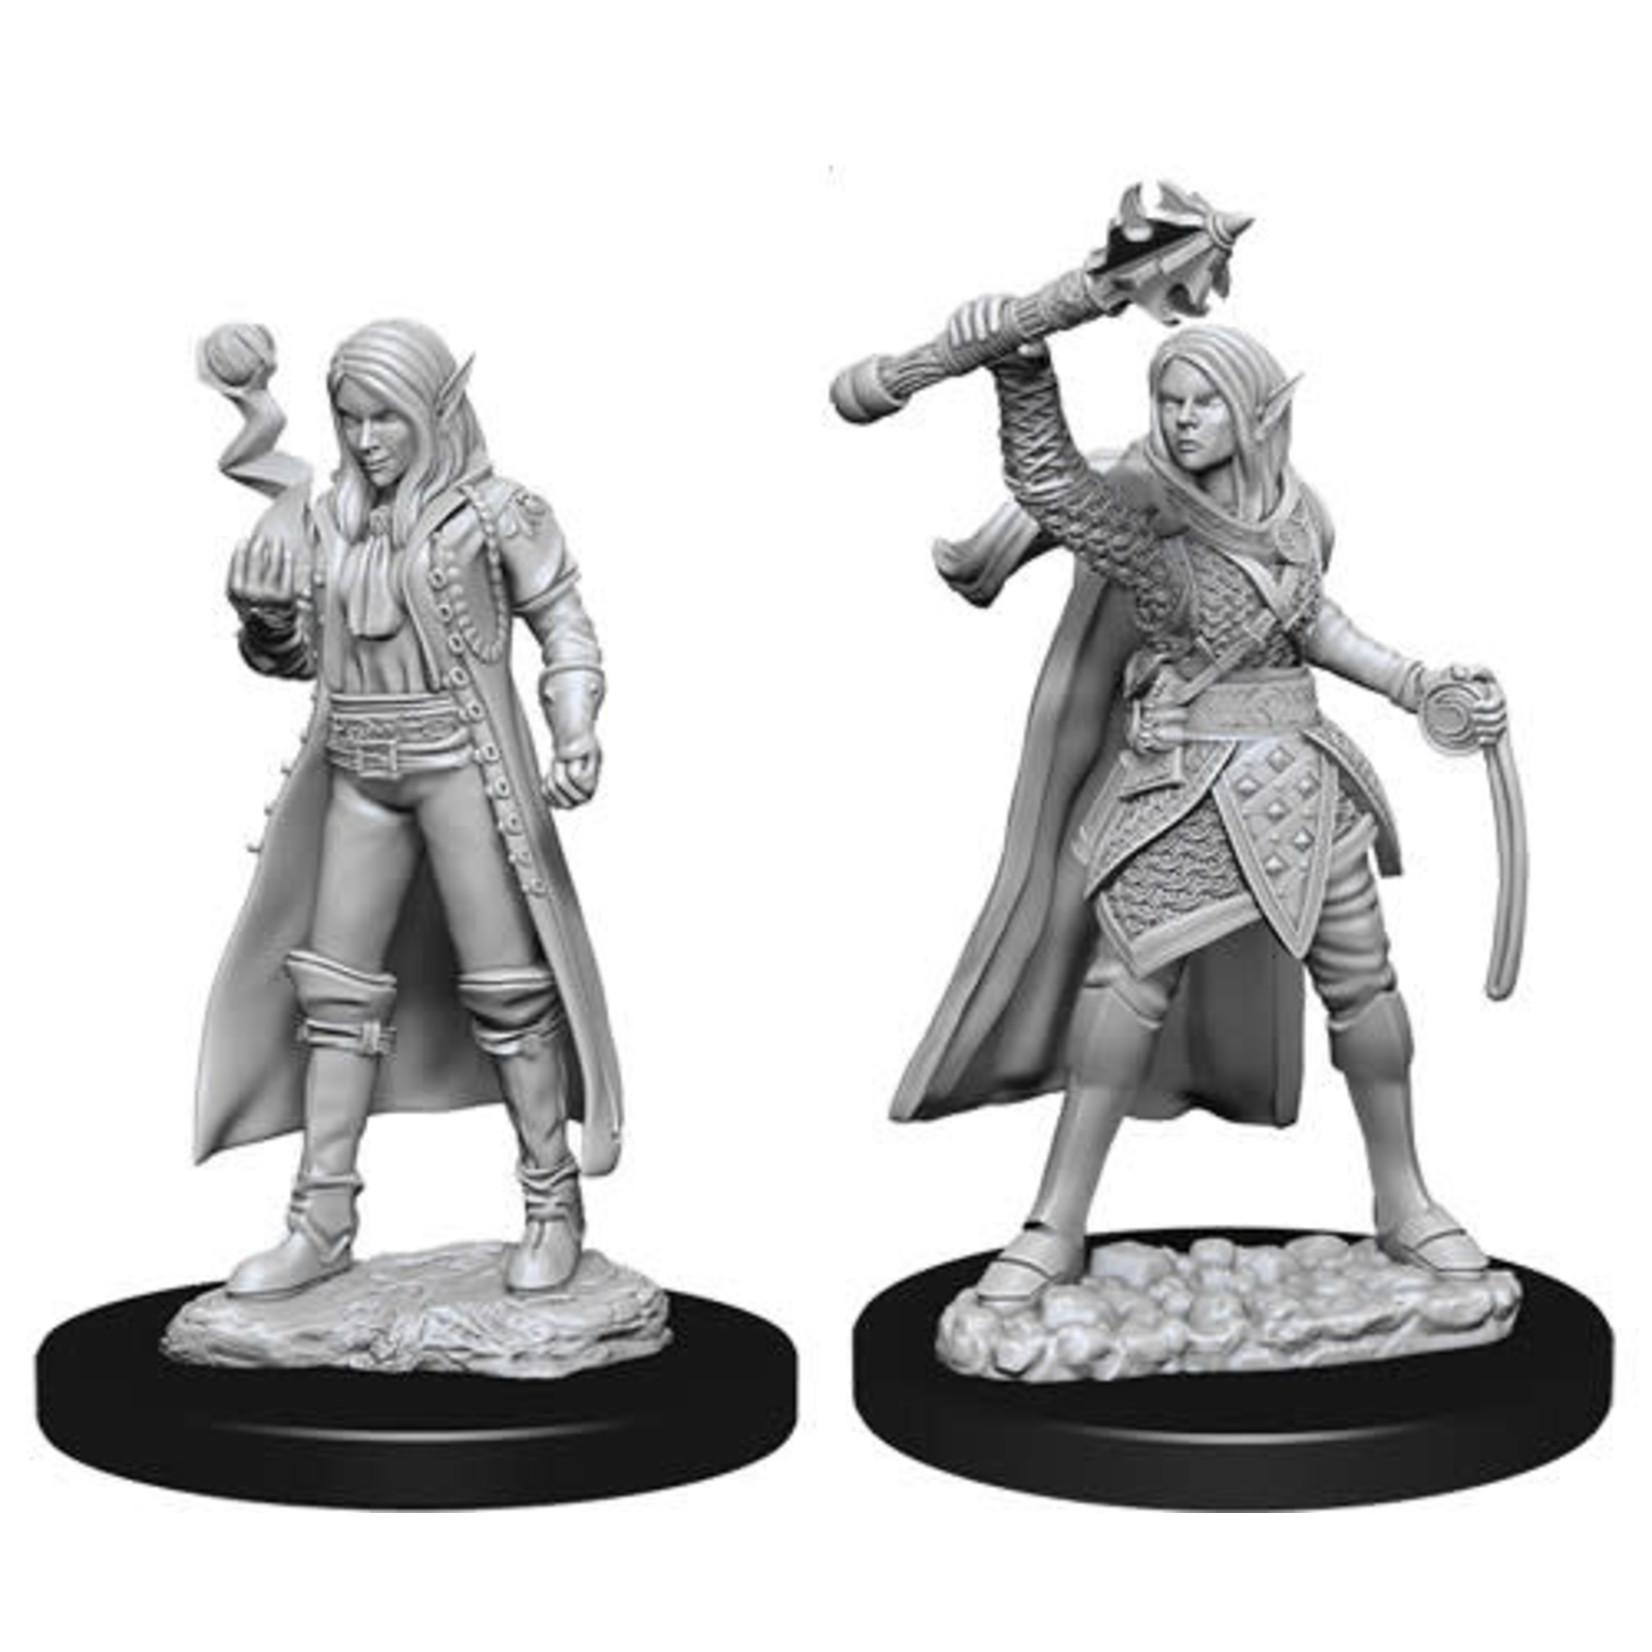 D&D Unpainted Minis: Elf Female Cleric (Wave 10)